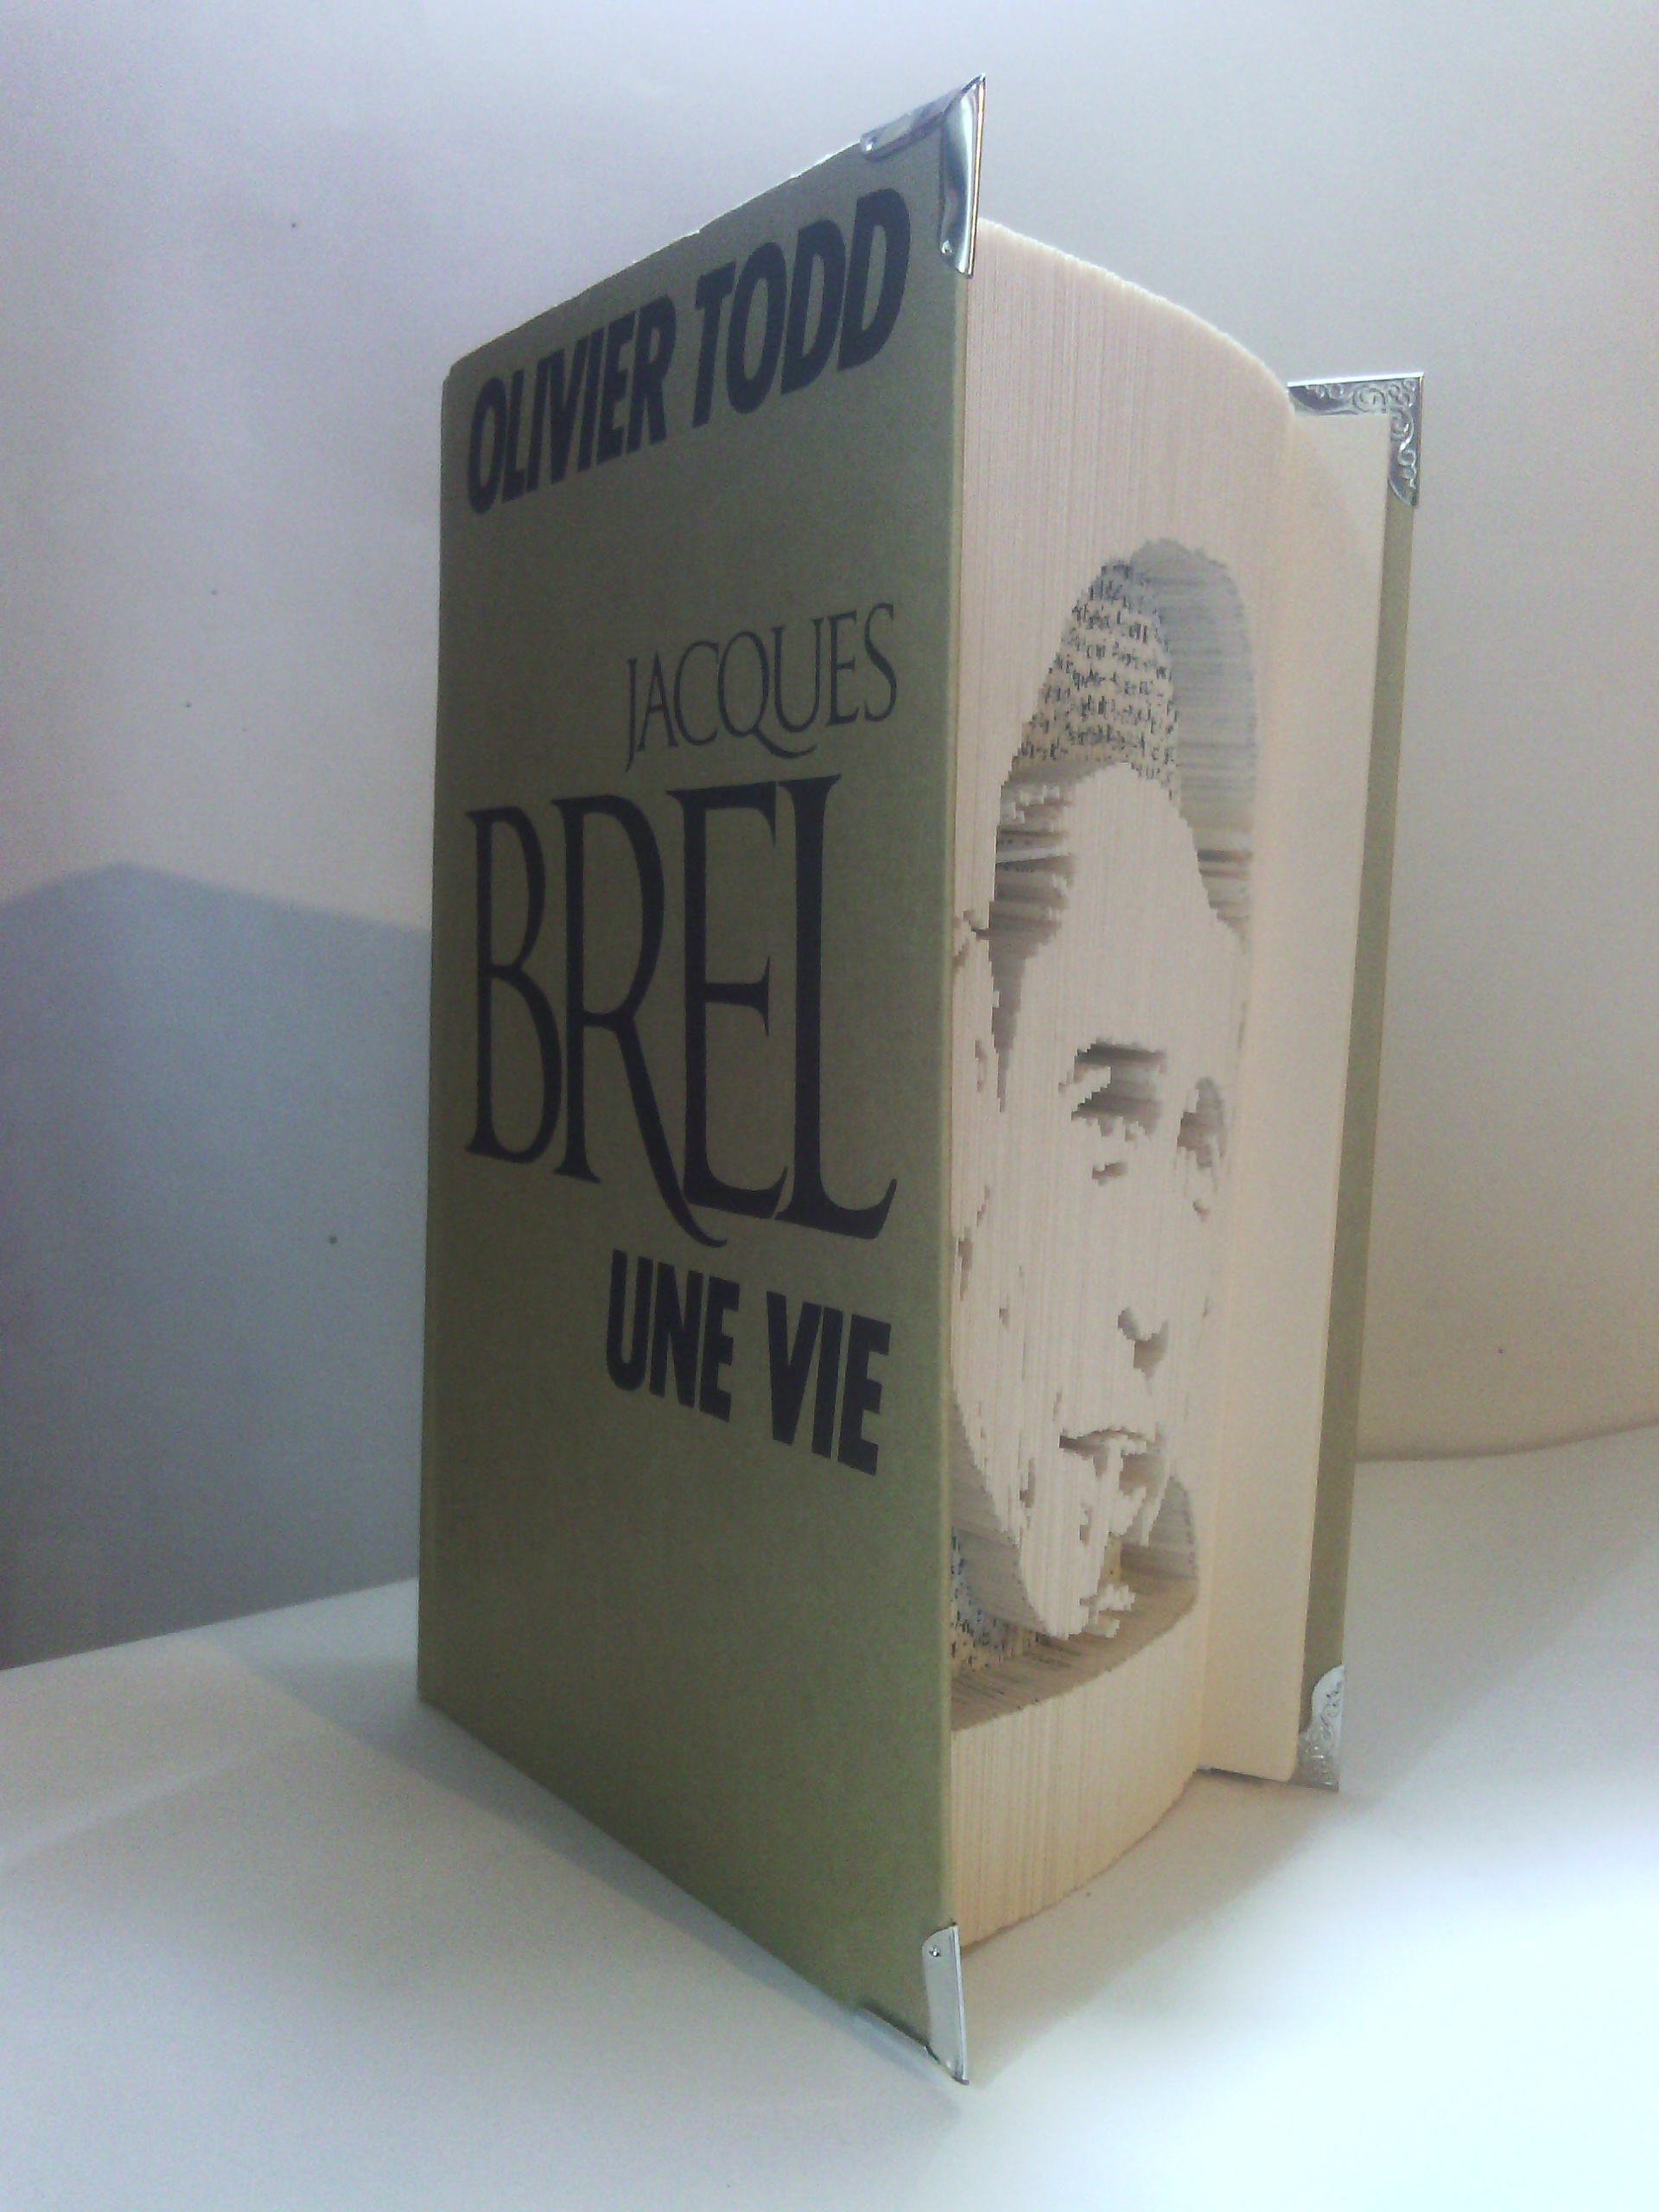 Jacques Brel son livre.jpg